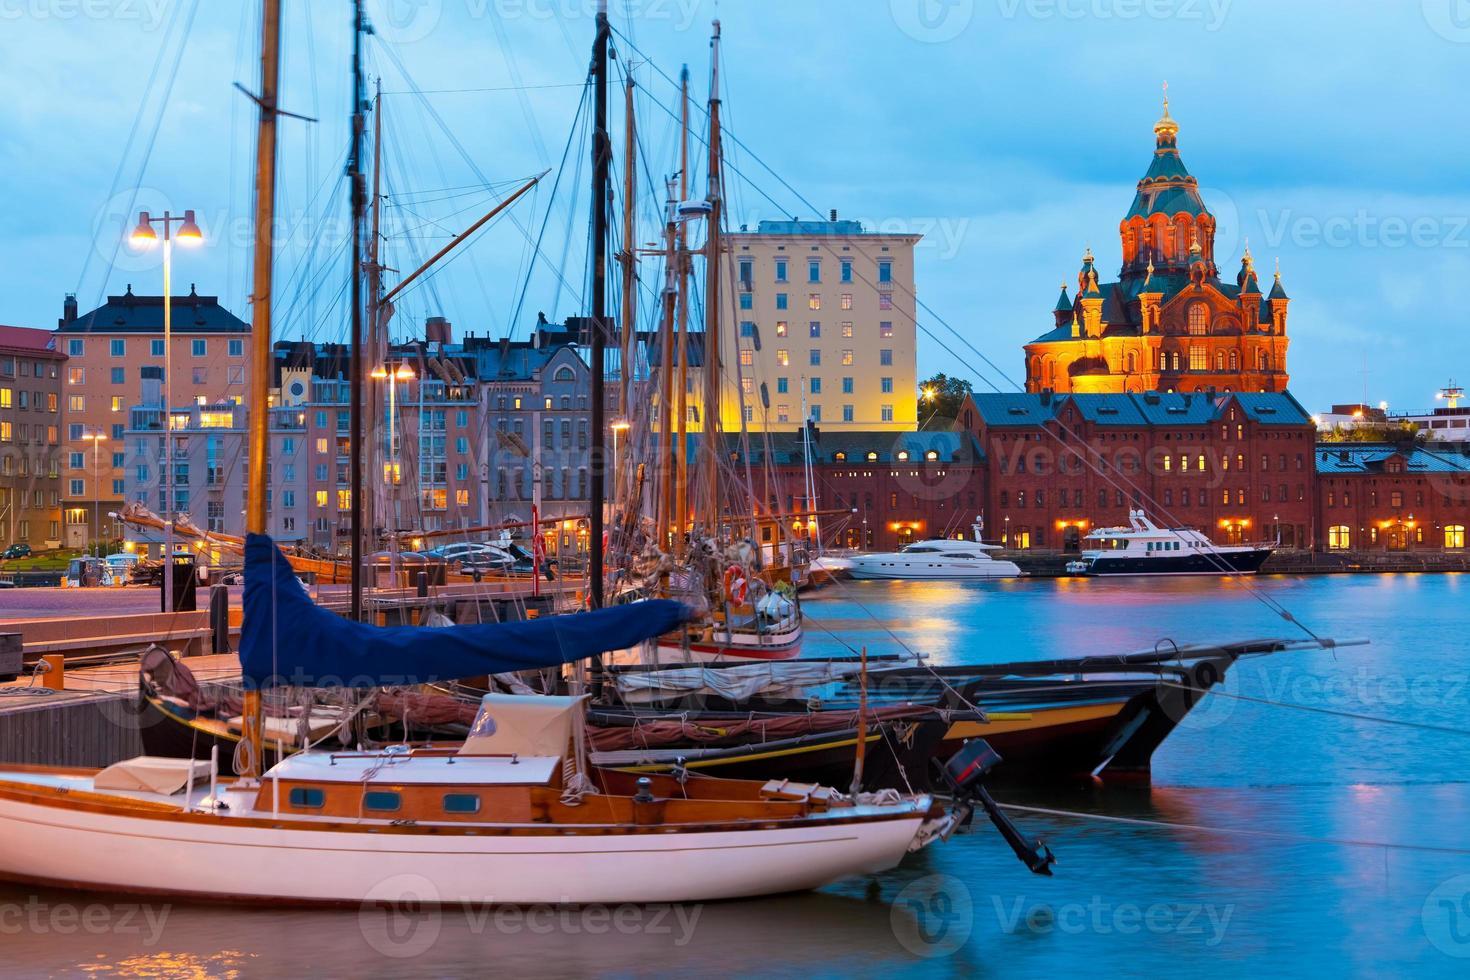 Abendlandschaft des alten Hafens in Helsinki, Finnland foto